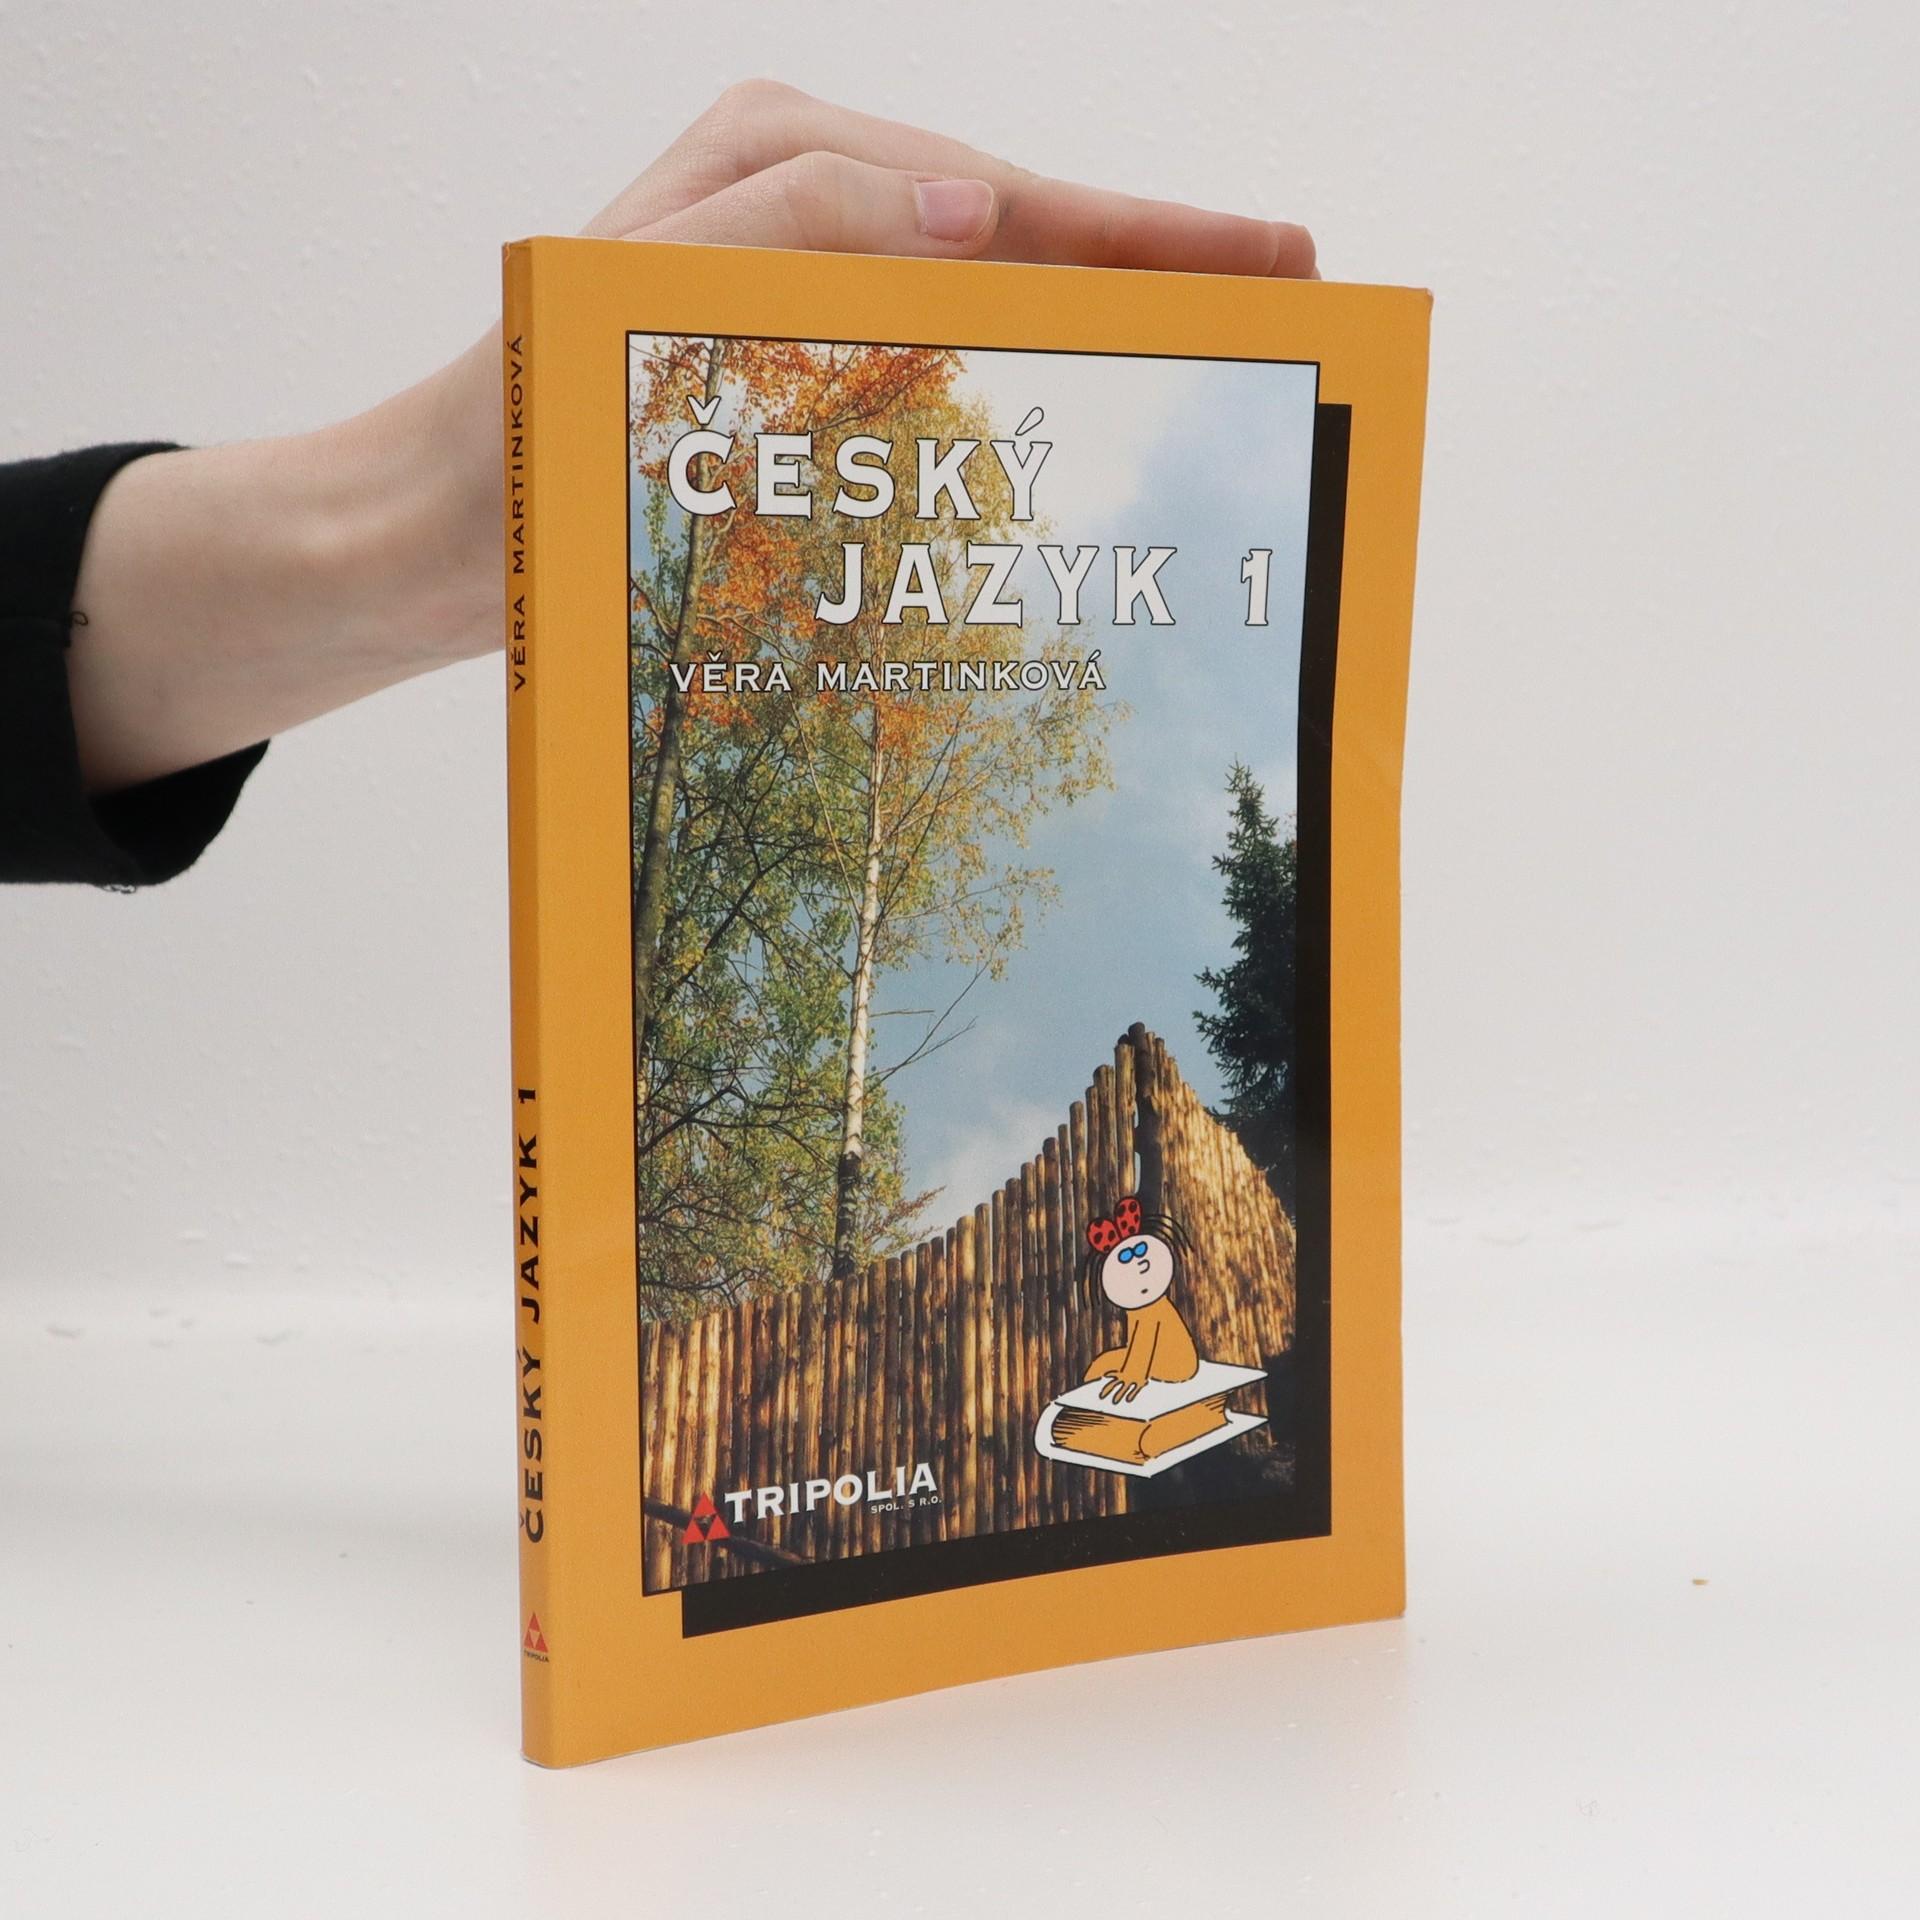 antikvární kniha Český jazyk 1, 2001